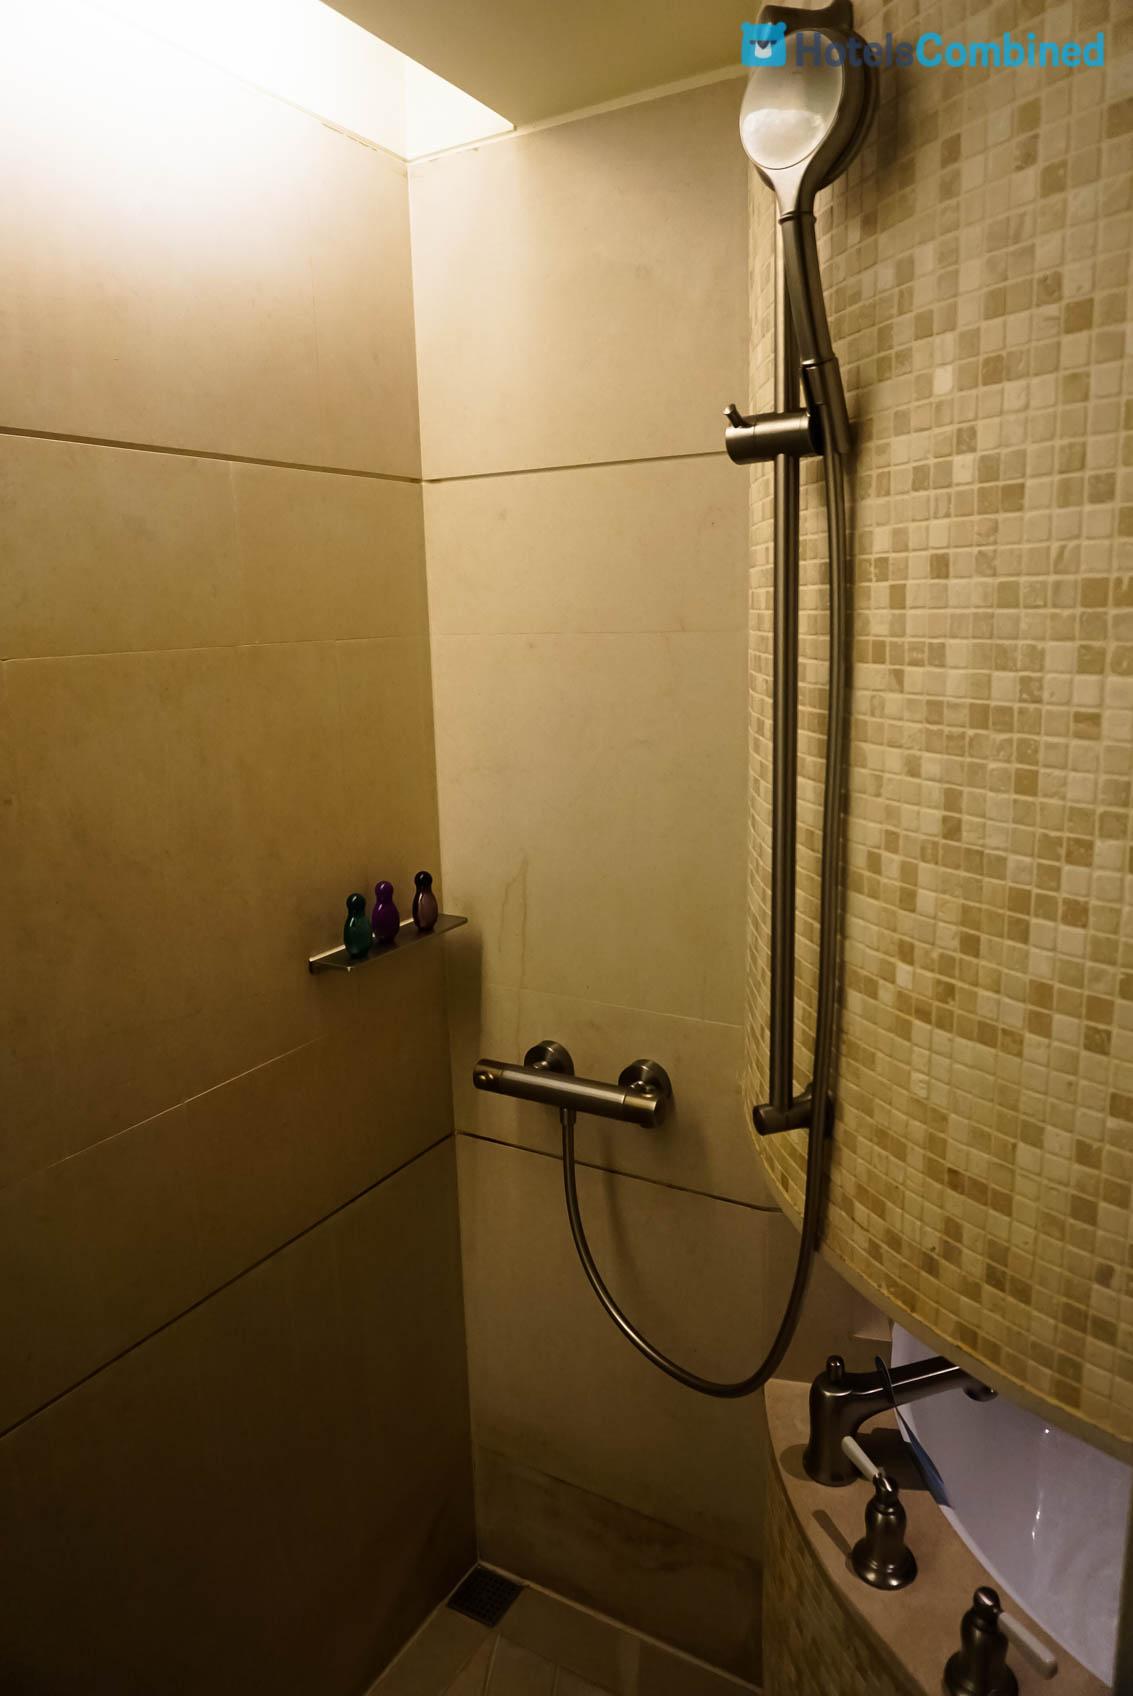 มีโซนฝักบัวอาบน้ำ ติดกับอ่างอาบน้ำ (นอนได้พอดีตัวเลย)